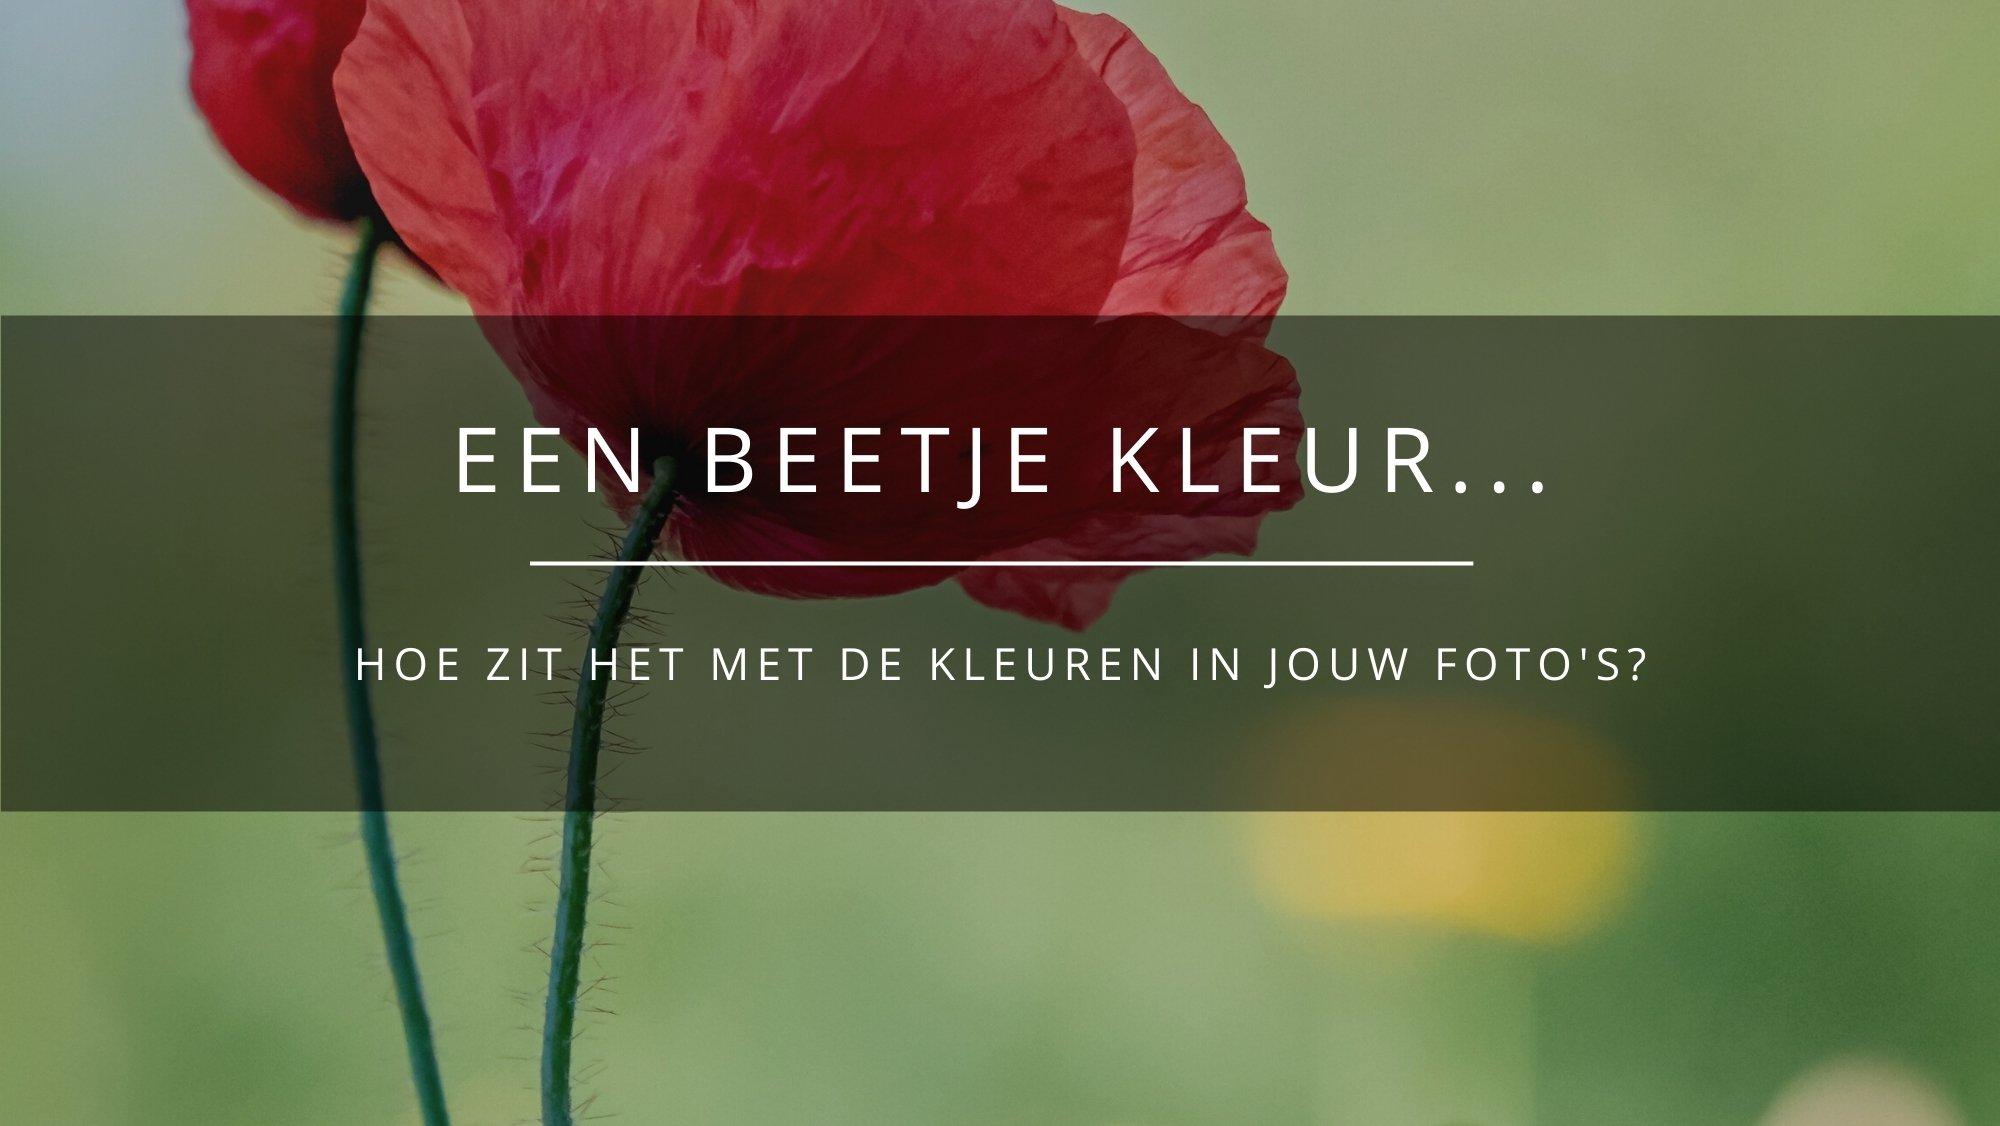 Een beetje kleur - blog - Arnhemsmeiske fotografie